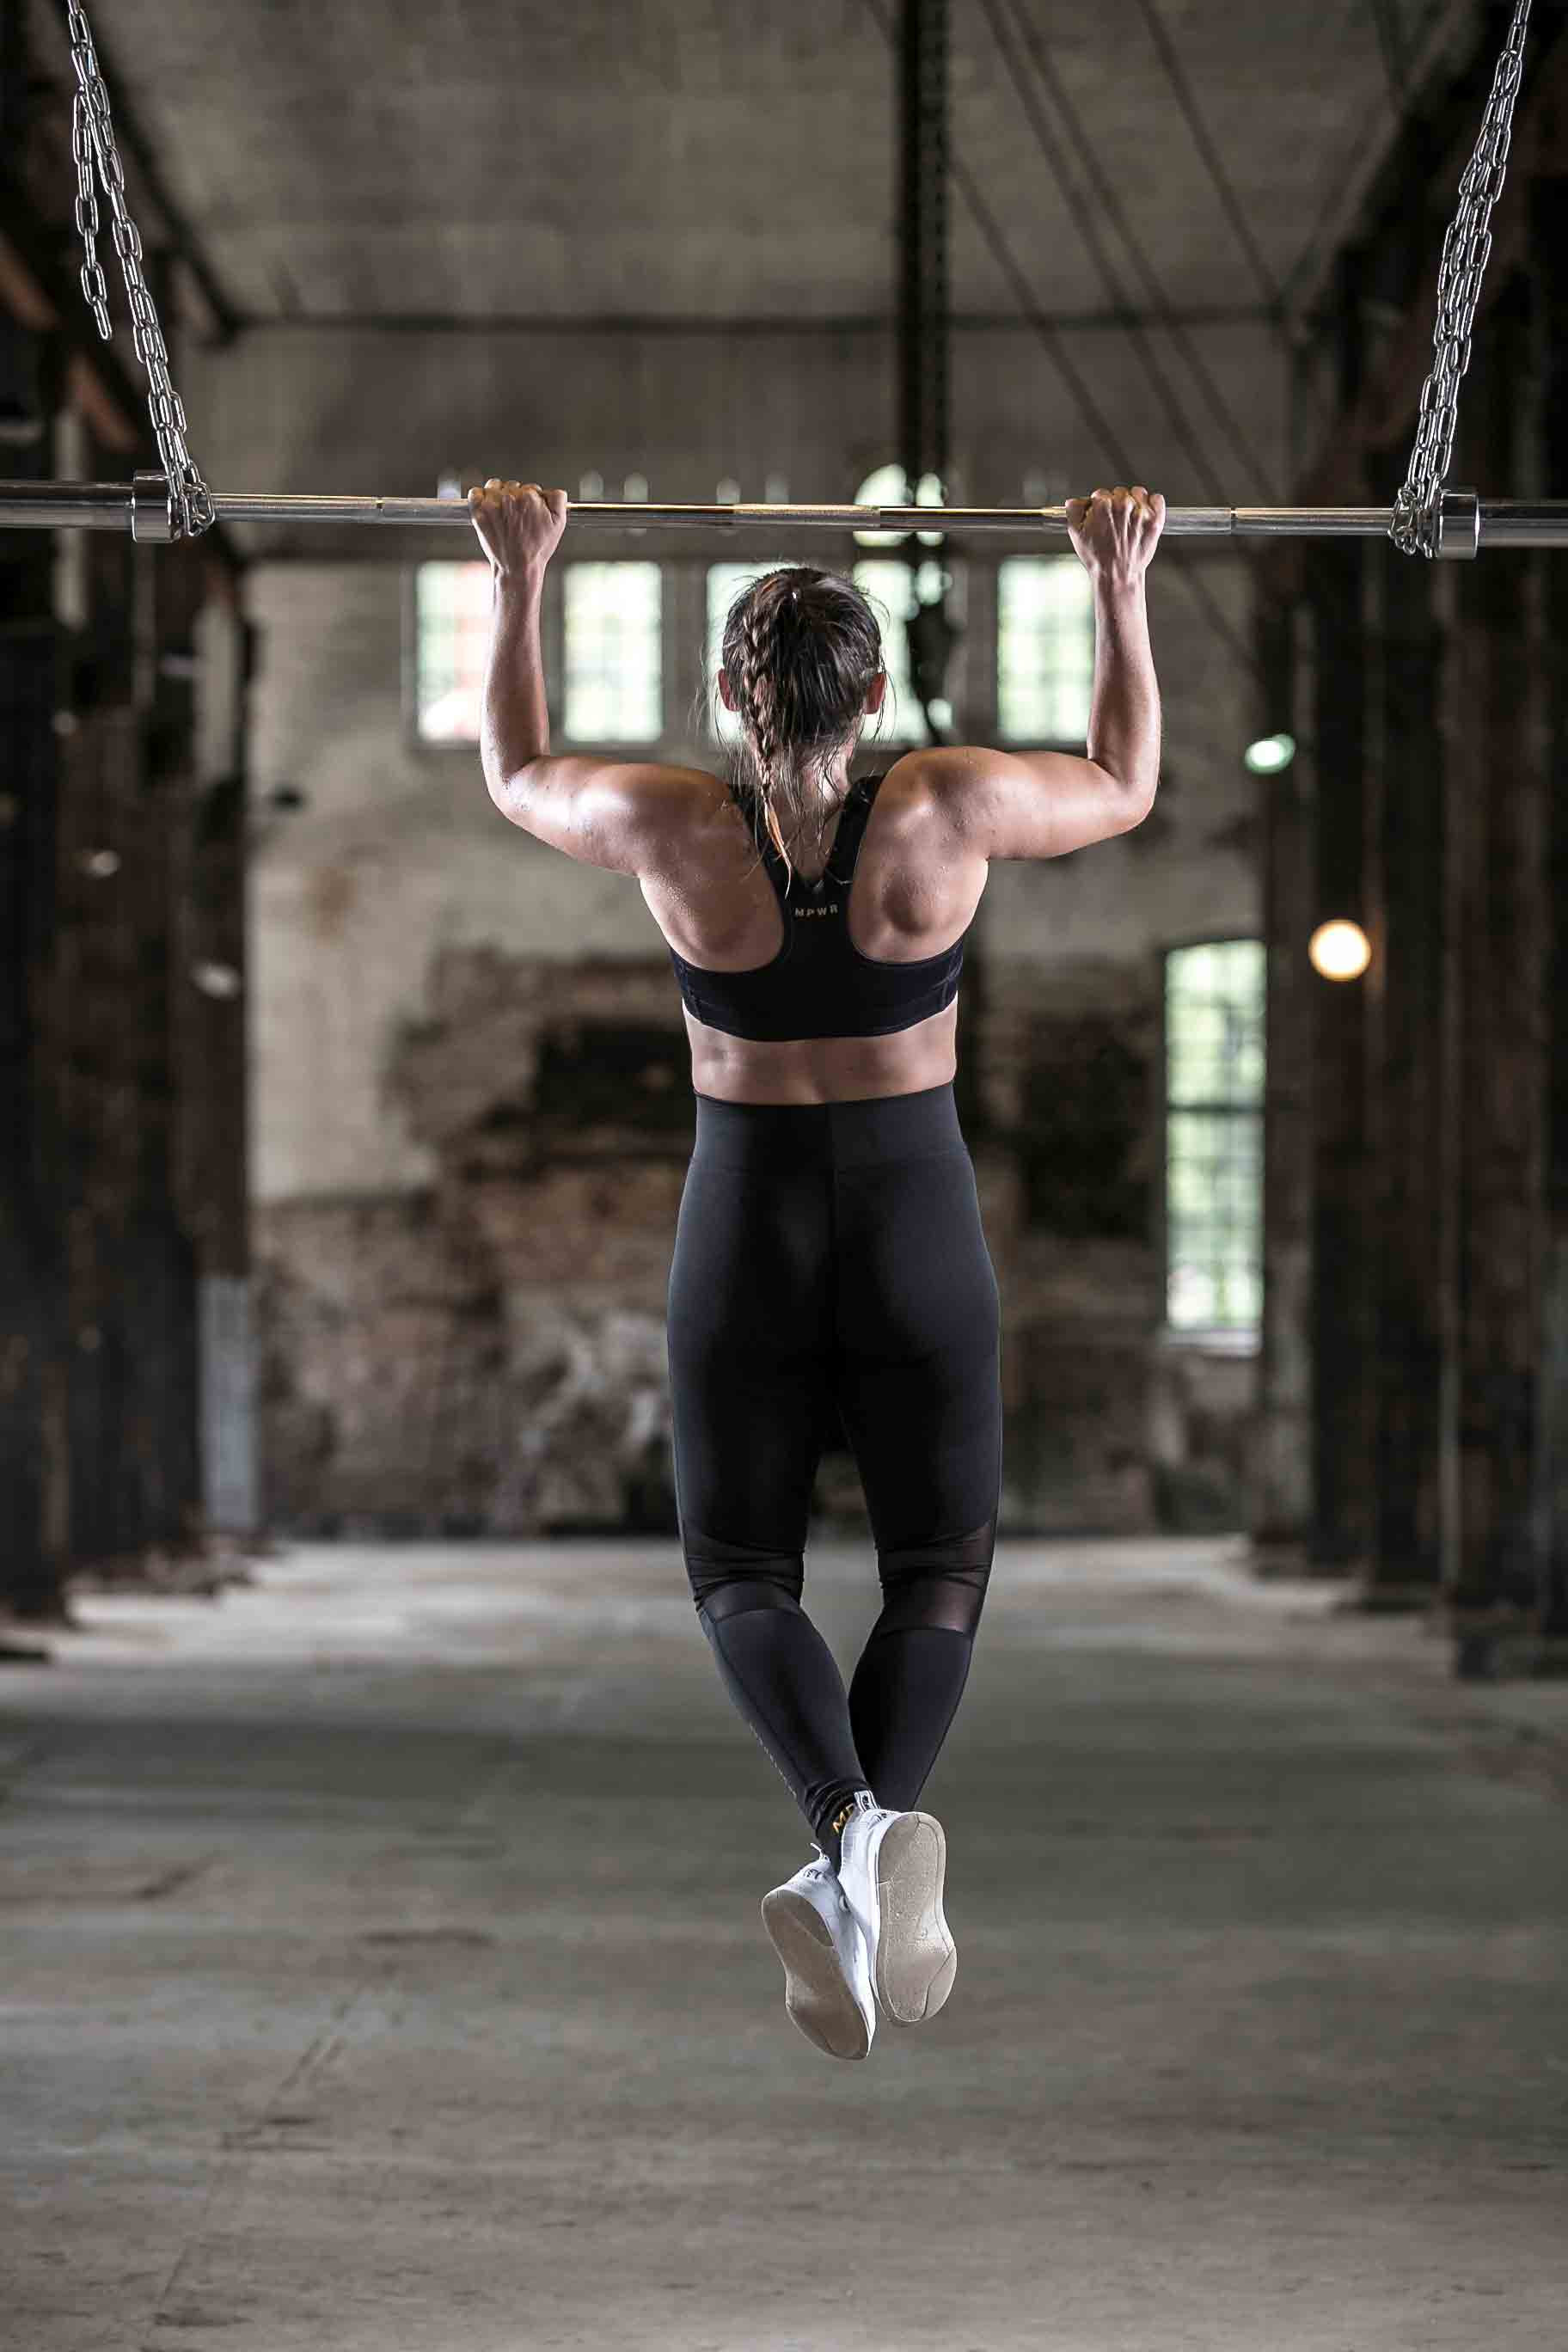 power-by-lisa-goteborg-fitness-06.jpg